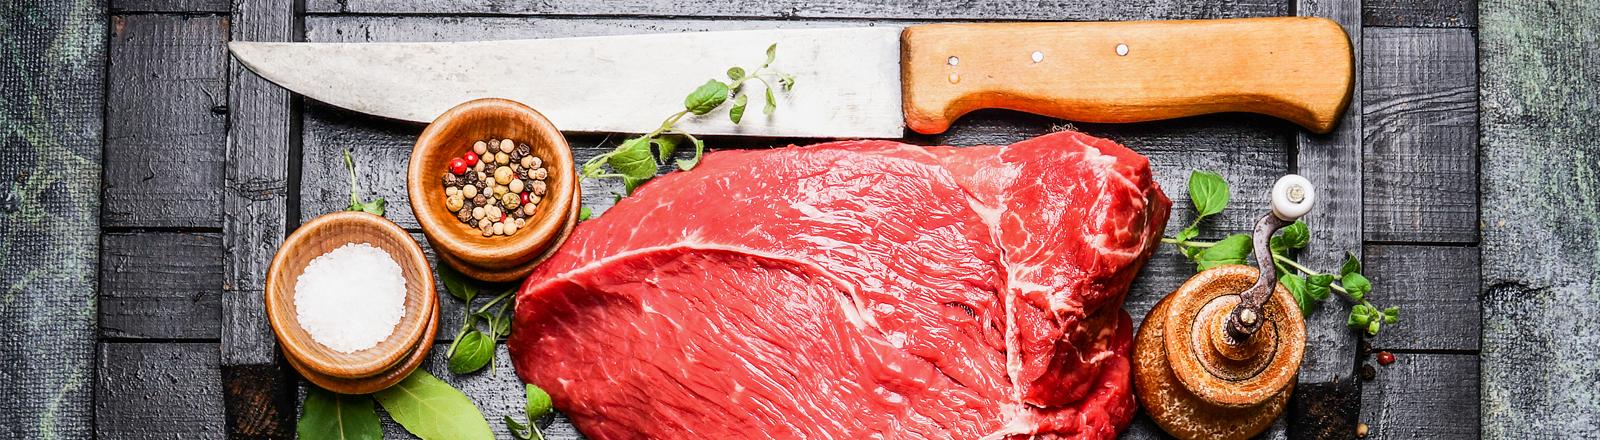 Ein Stück Fleisch auf einem Brett, angerichtet neben einem Messer, Pfefferkörnern und Salz